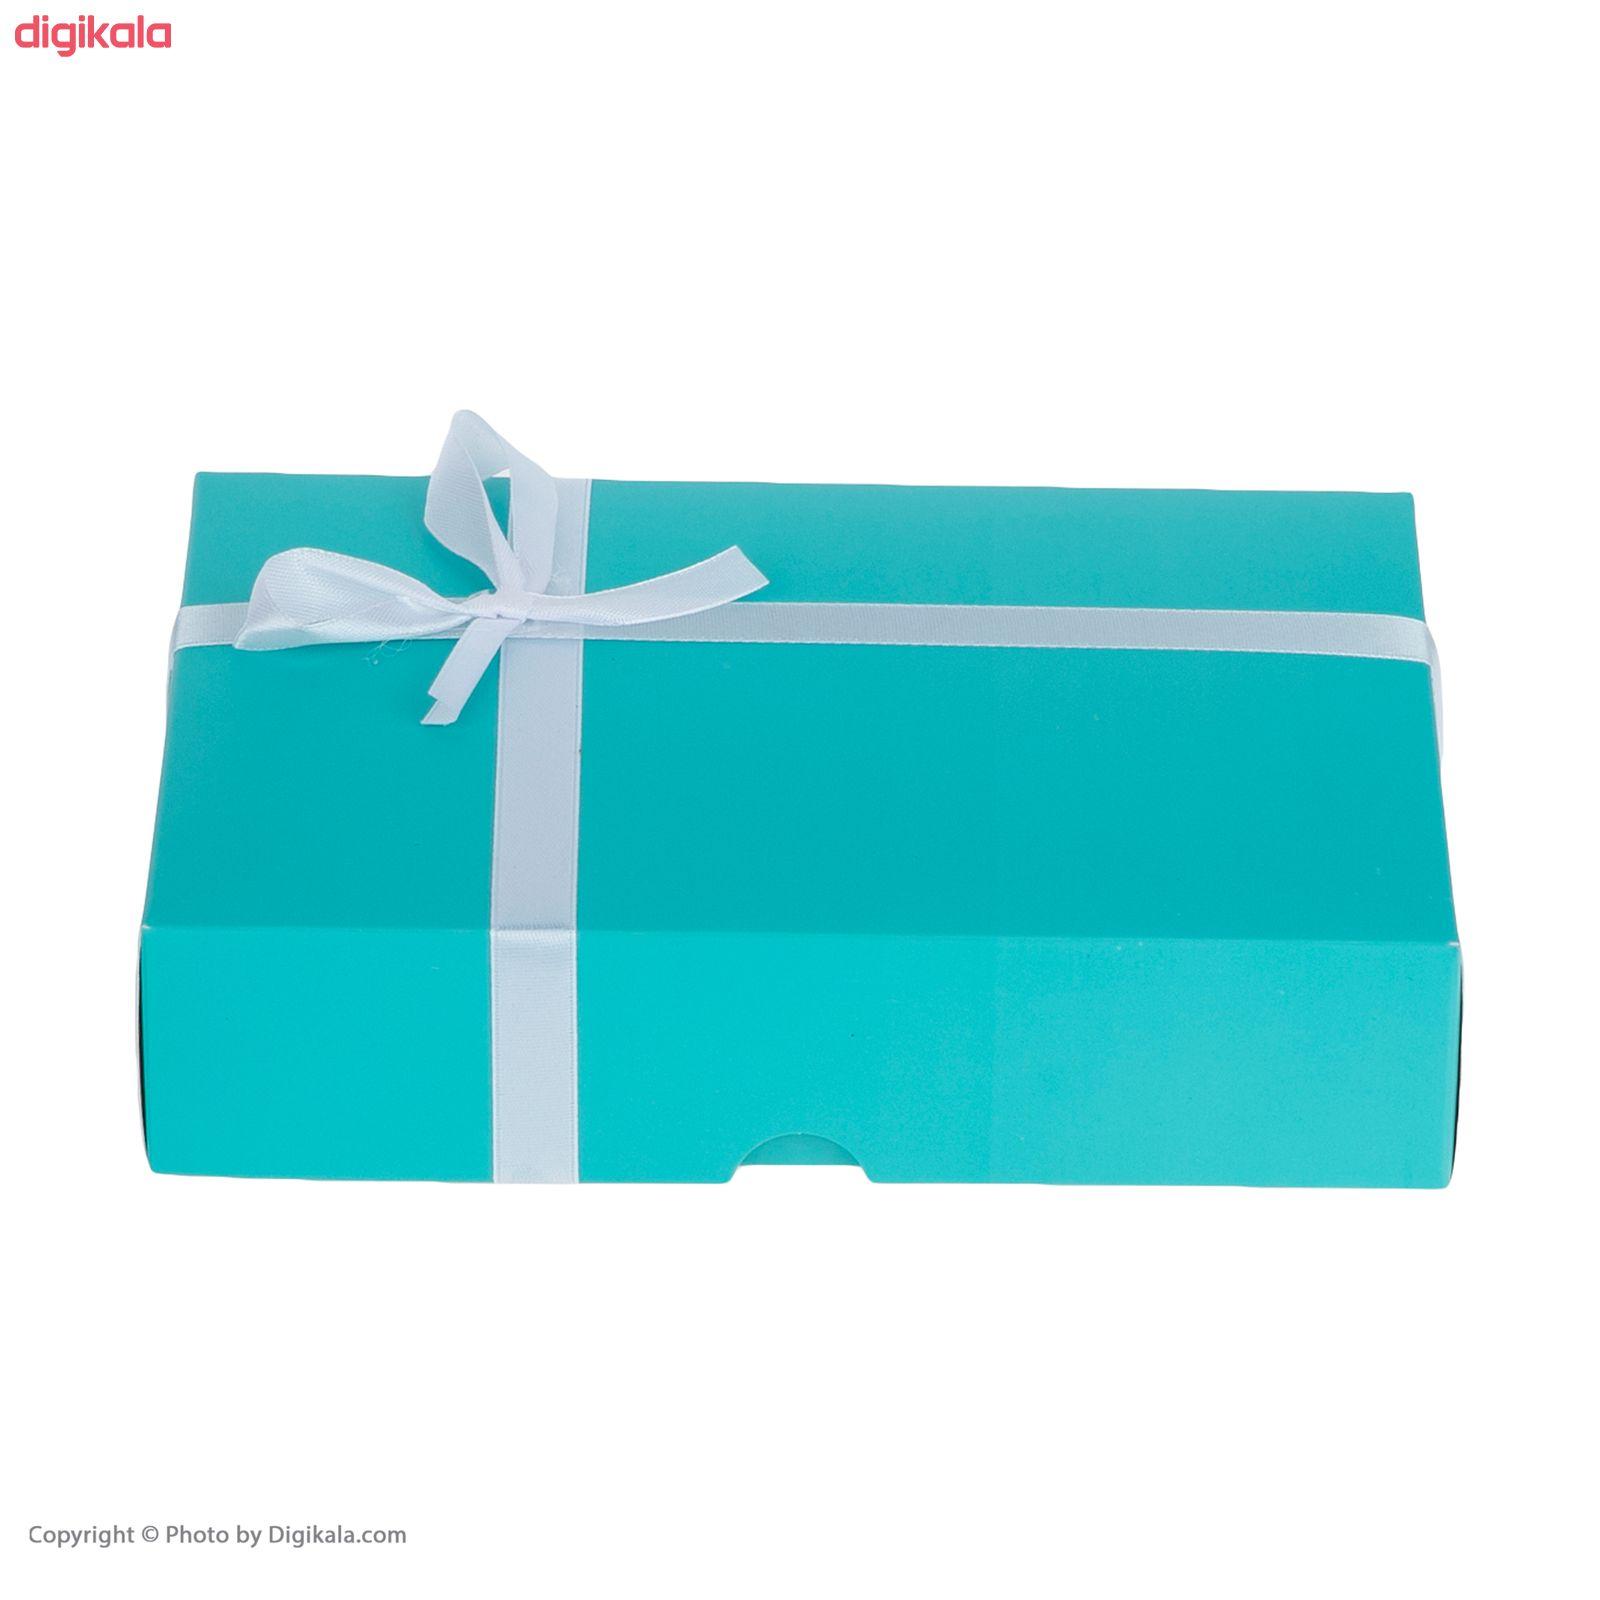 جعبه کارت هدیه دیجی کالا مدل 01 main 1 2